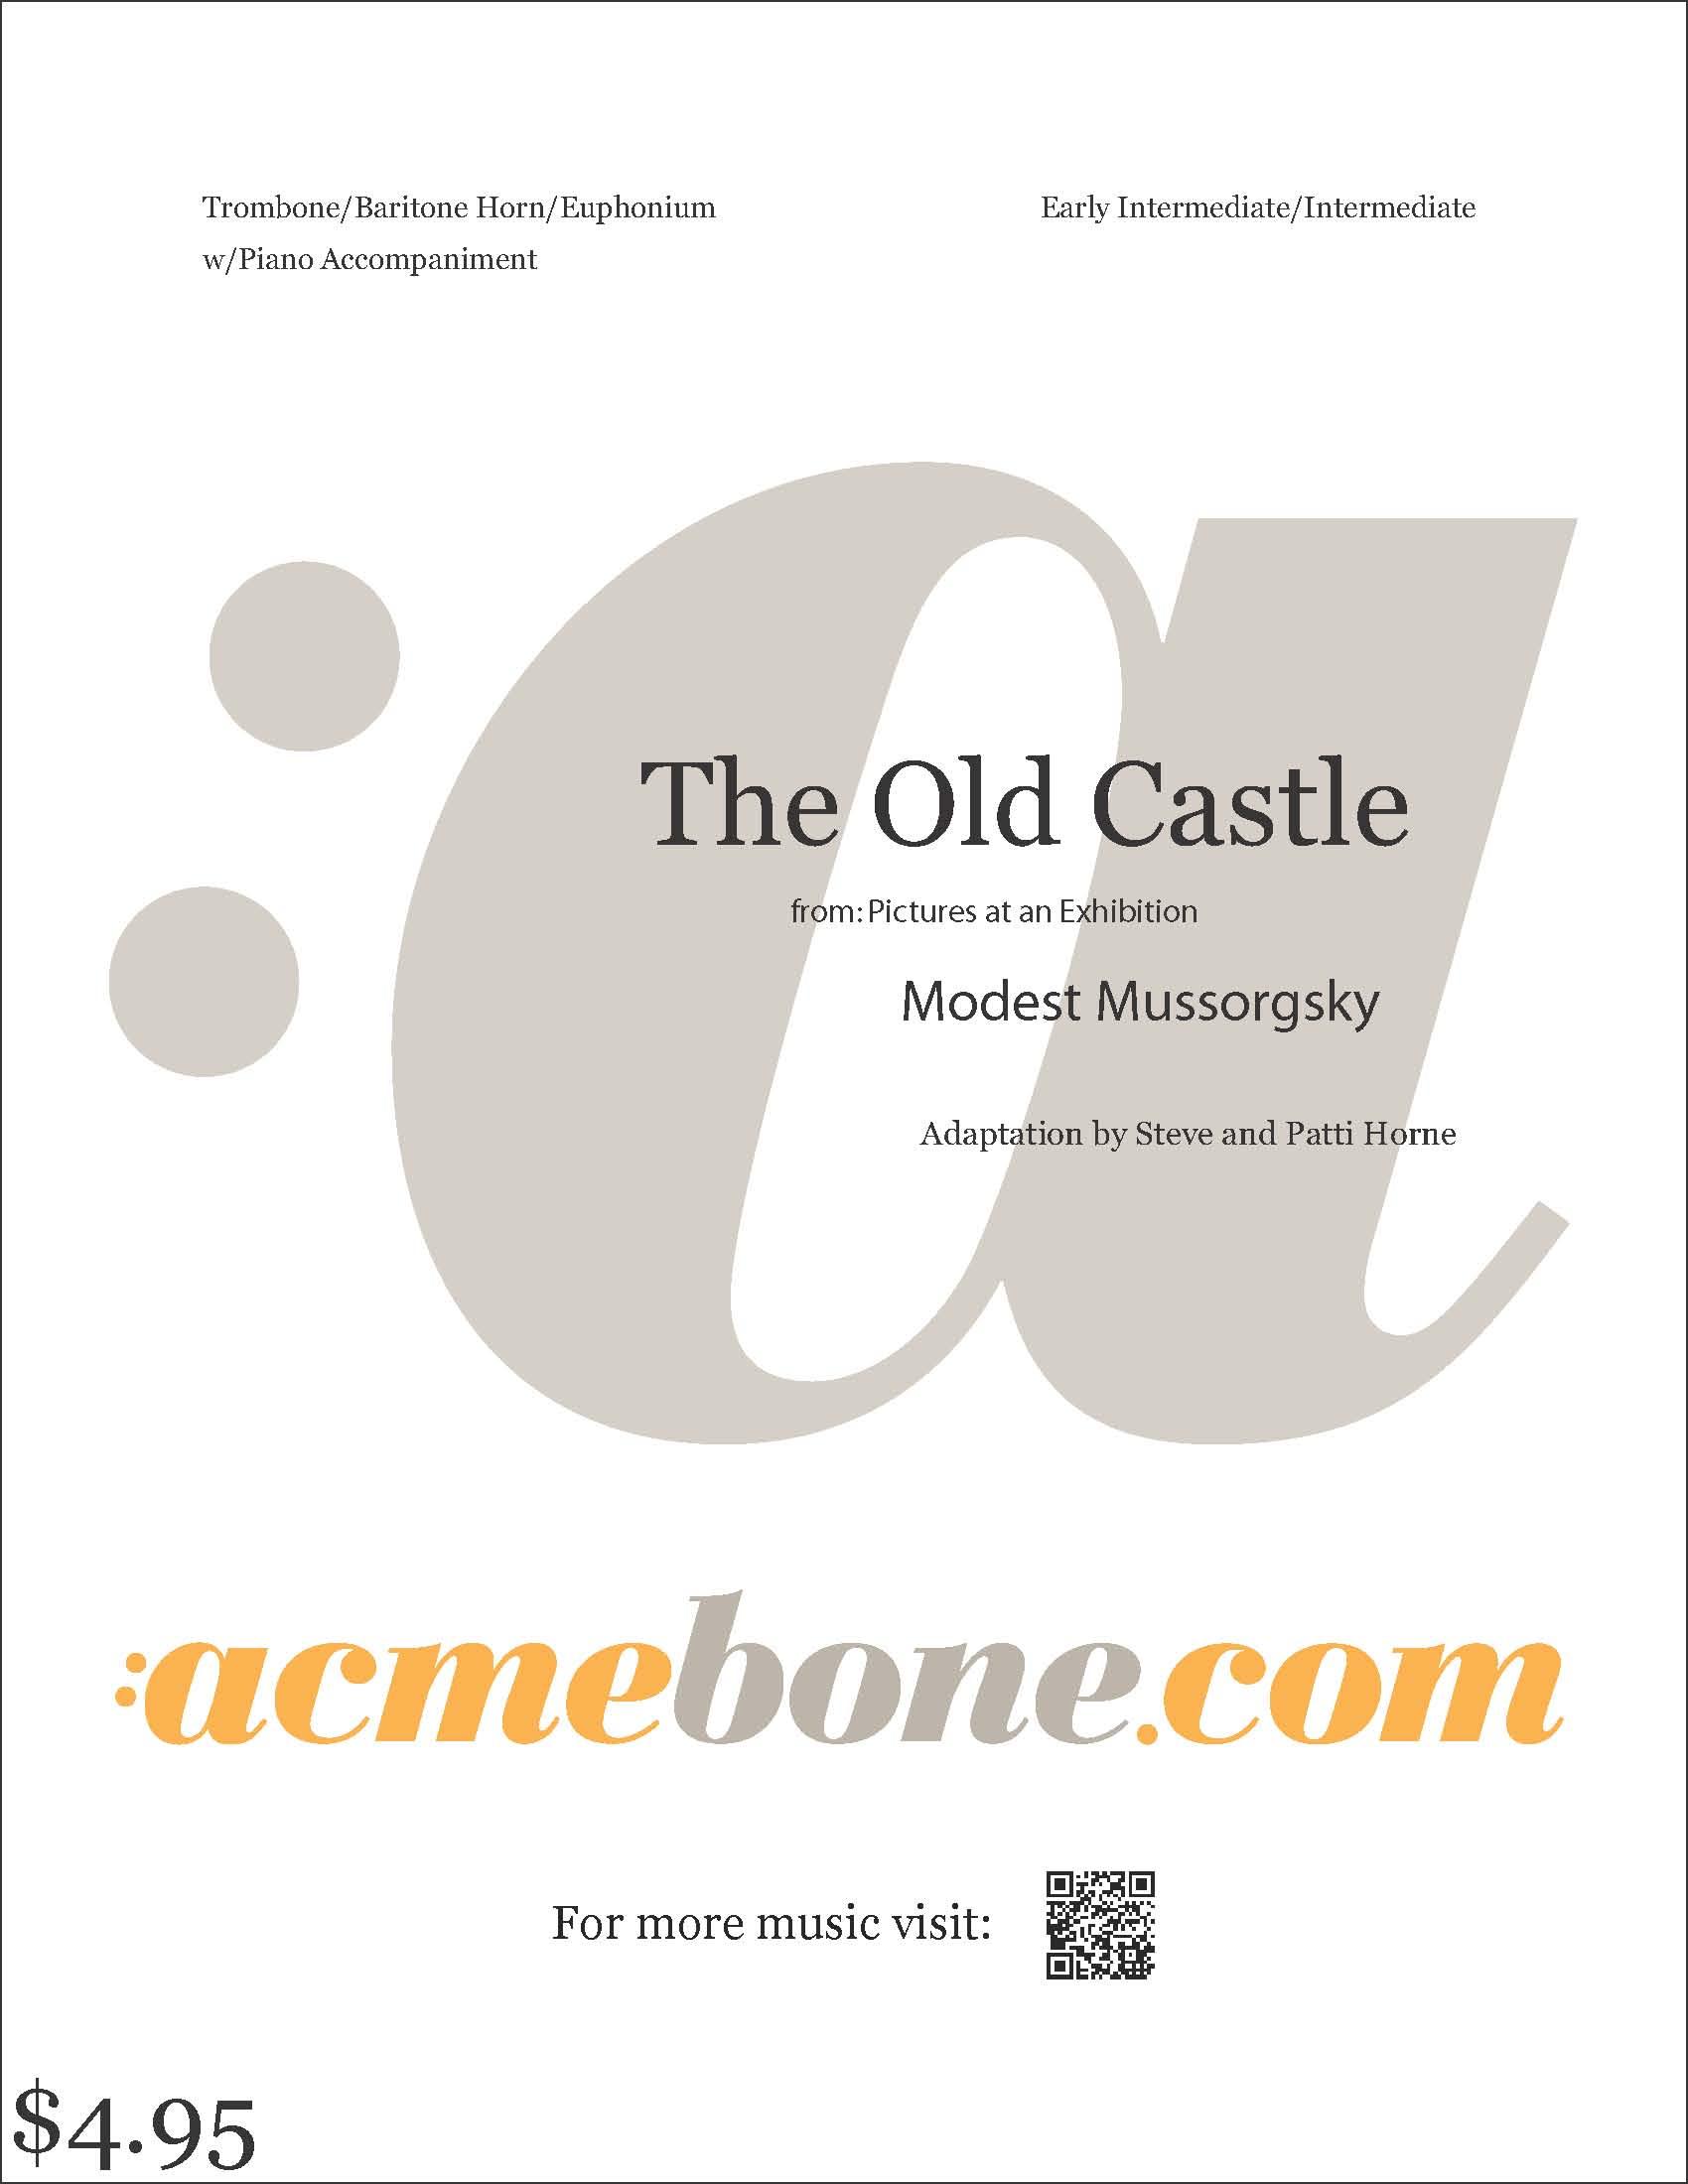 The Old Castle_digital_cover_w-bo_price.jpg